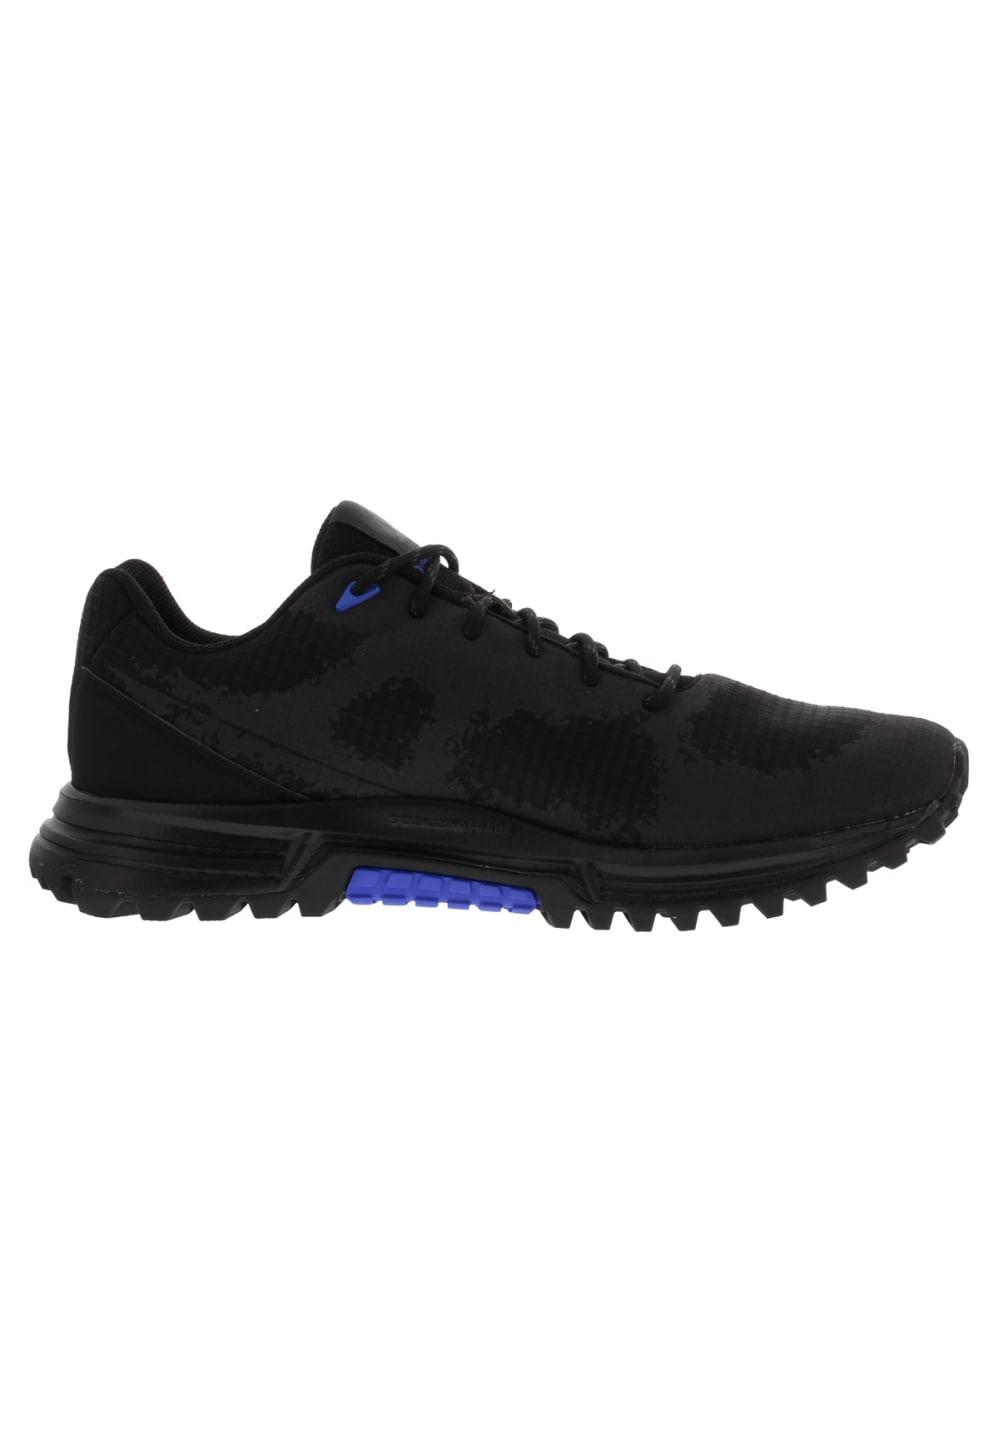 Reebok Sawcut Gtx 6.0 Chaussures marche à pied pour Homme Noir